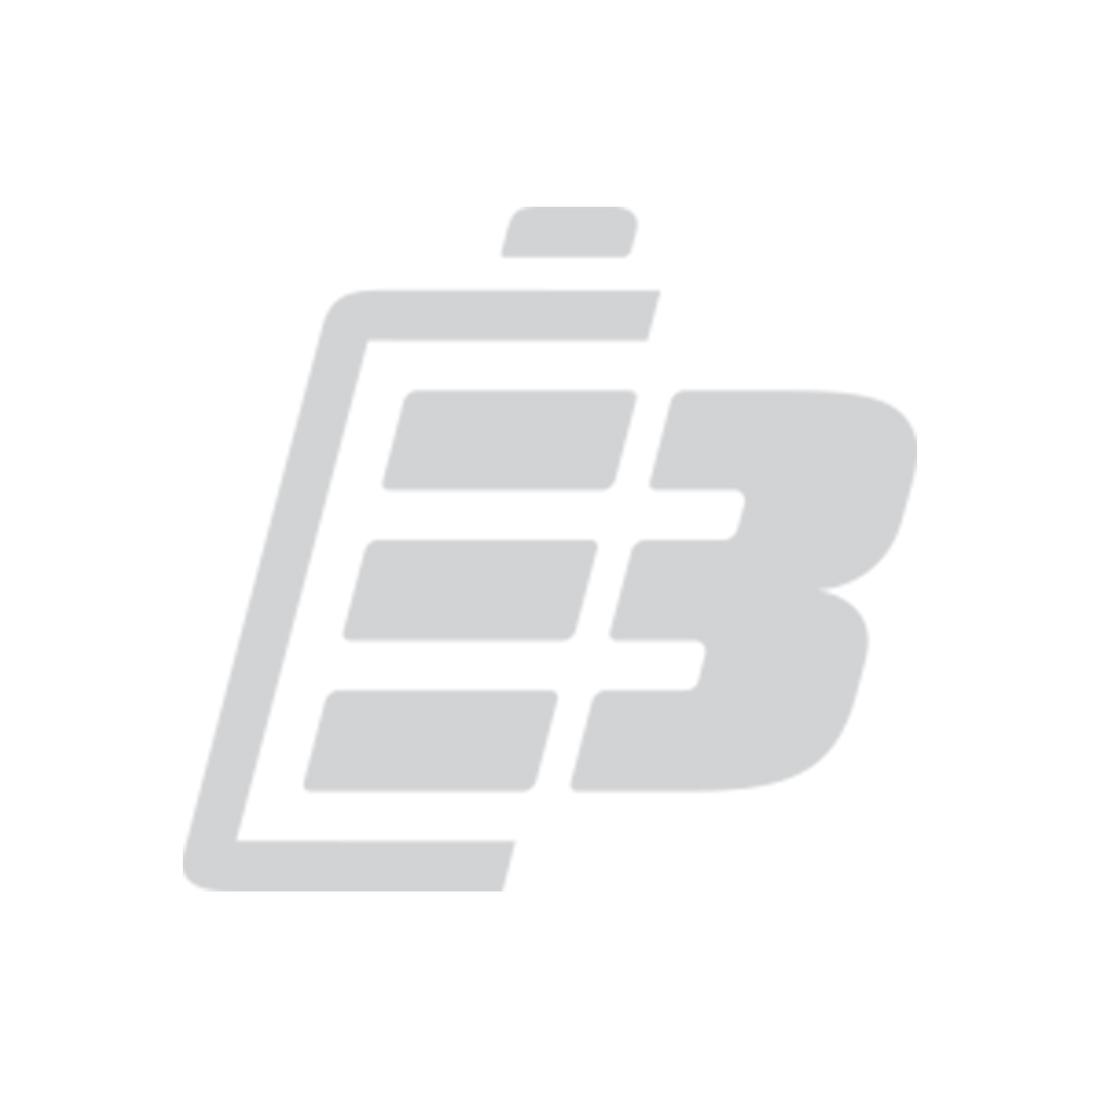 Φακοί Camping και εξωτερικού χωρου